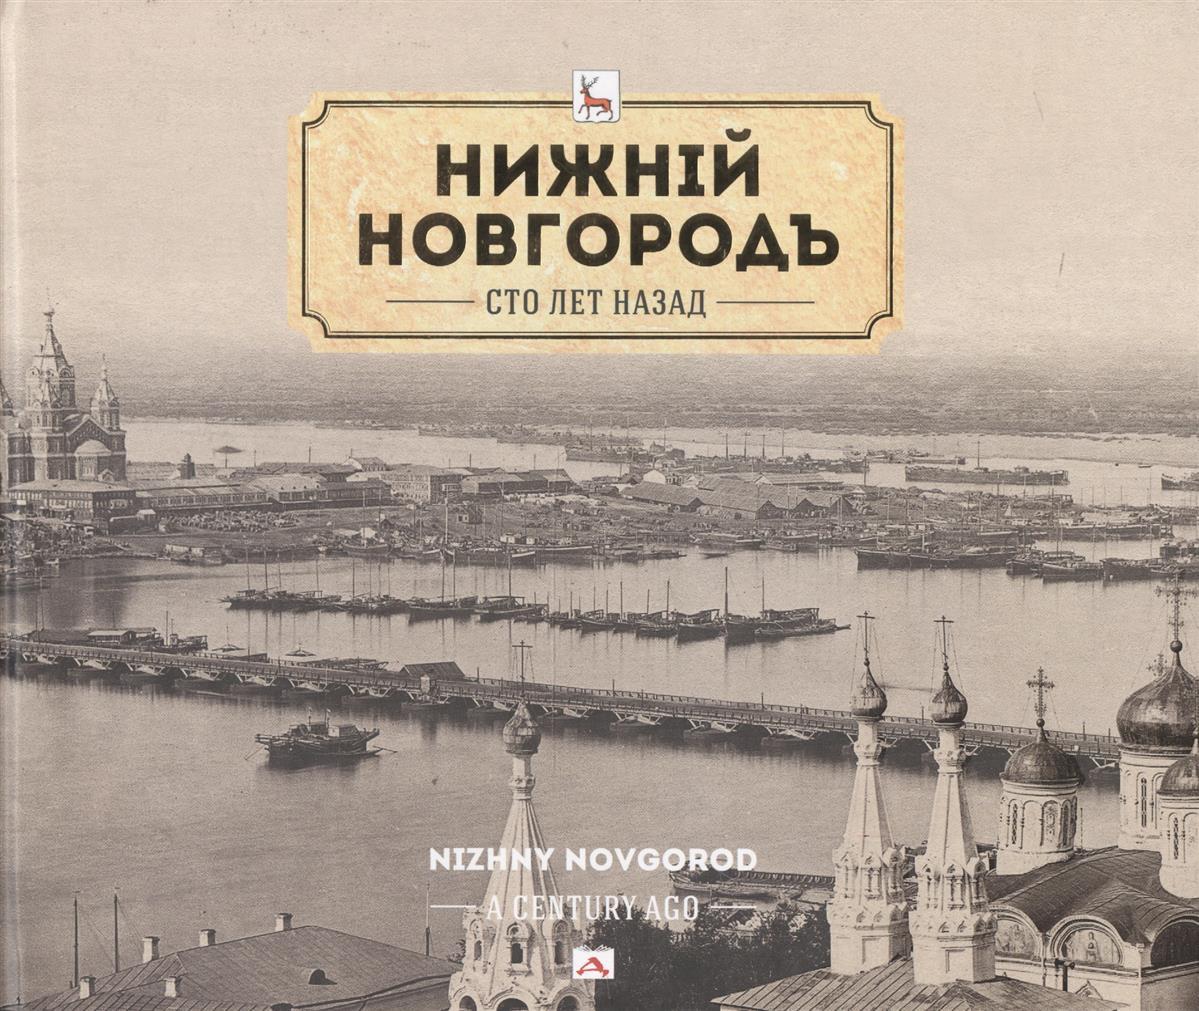 Нижний Новгород сто лет назад. Альбом